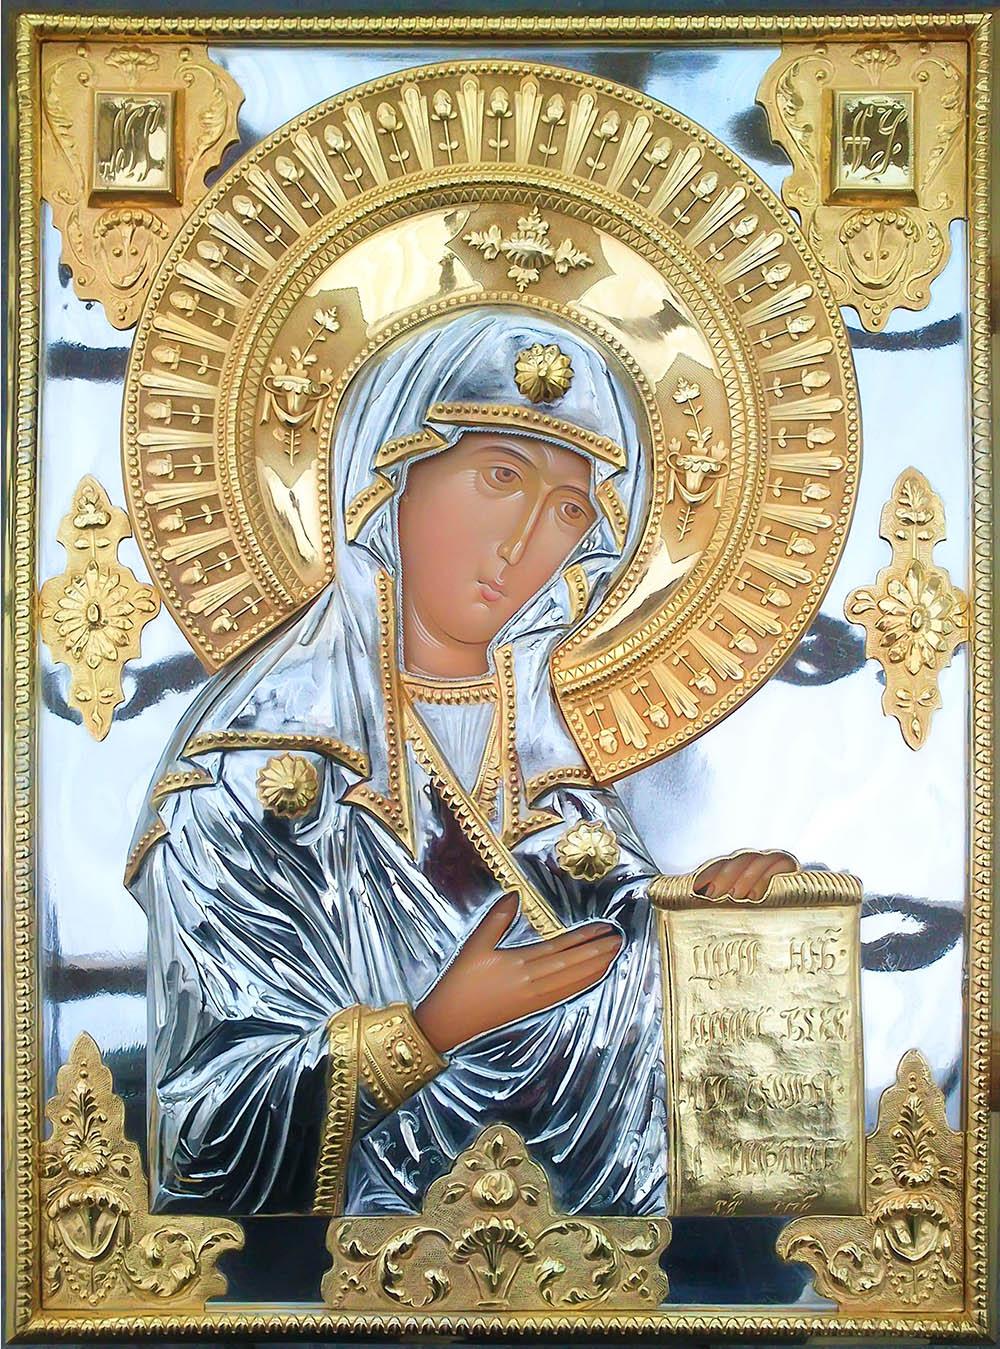 фото Боголюбская икона Божией Матери гальванопластика золото серебро большая храмовая